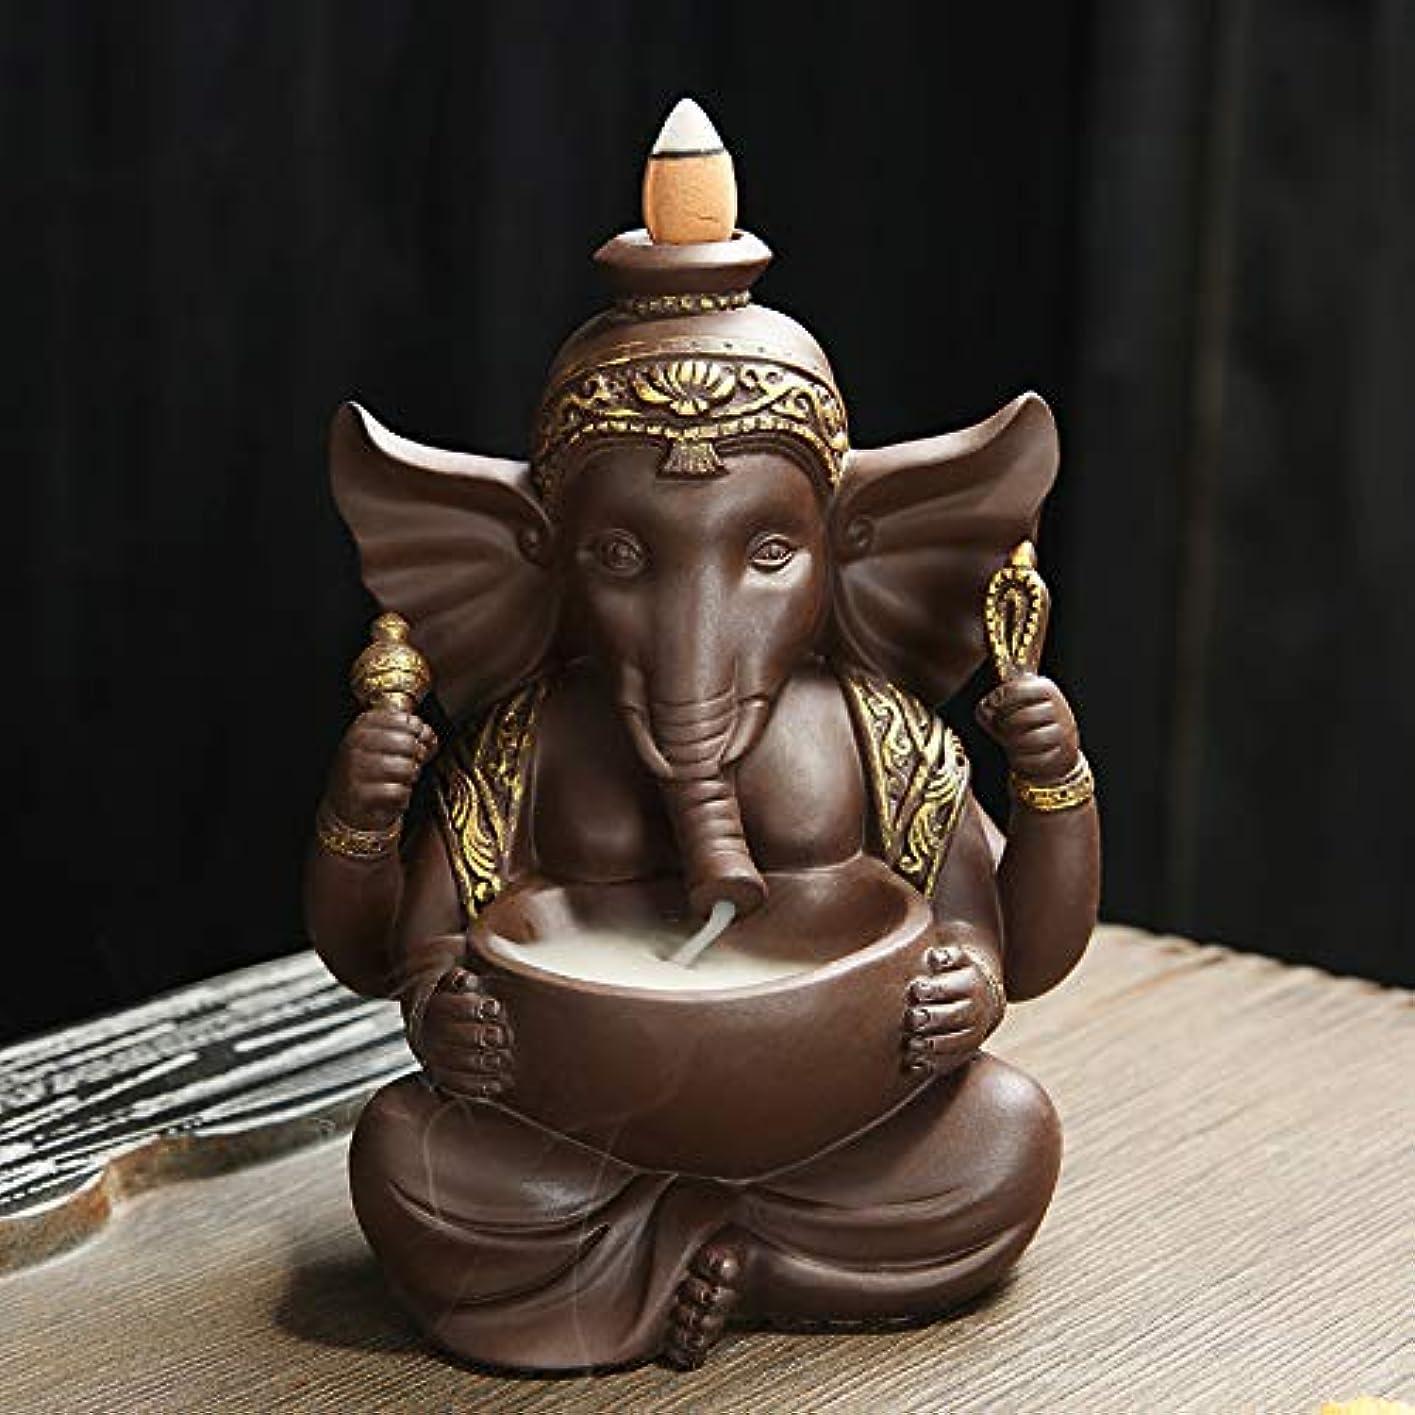 侵入するヘアジム香炉インド象の神の逆流香紫砂香炉香炉キャンドルバックセラミックアロマセラピーバーナー15.7 * 13 * 10.9cm